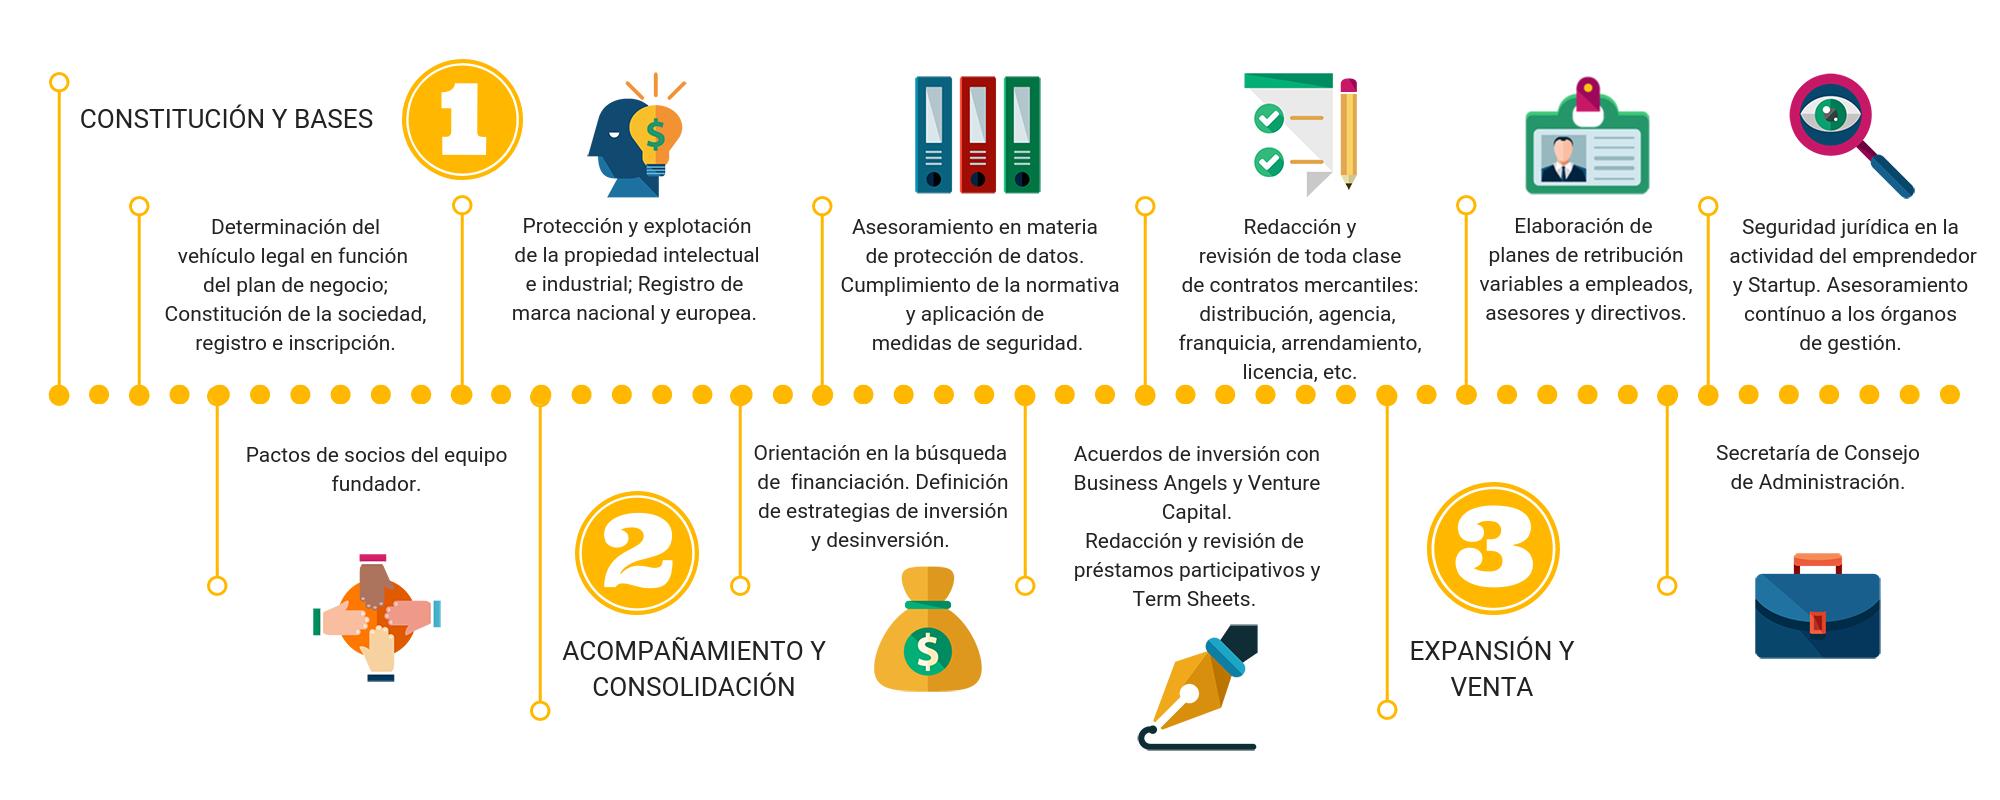 -abogados-startups-emprendedores-servicios